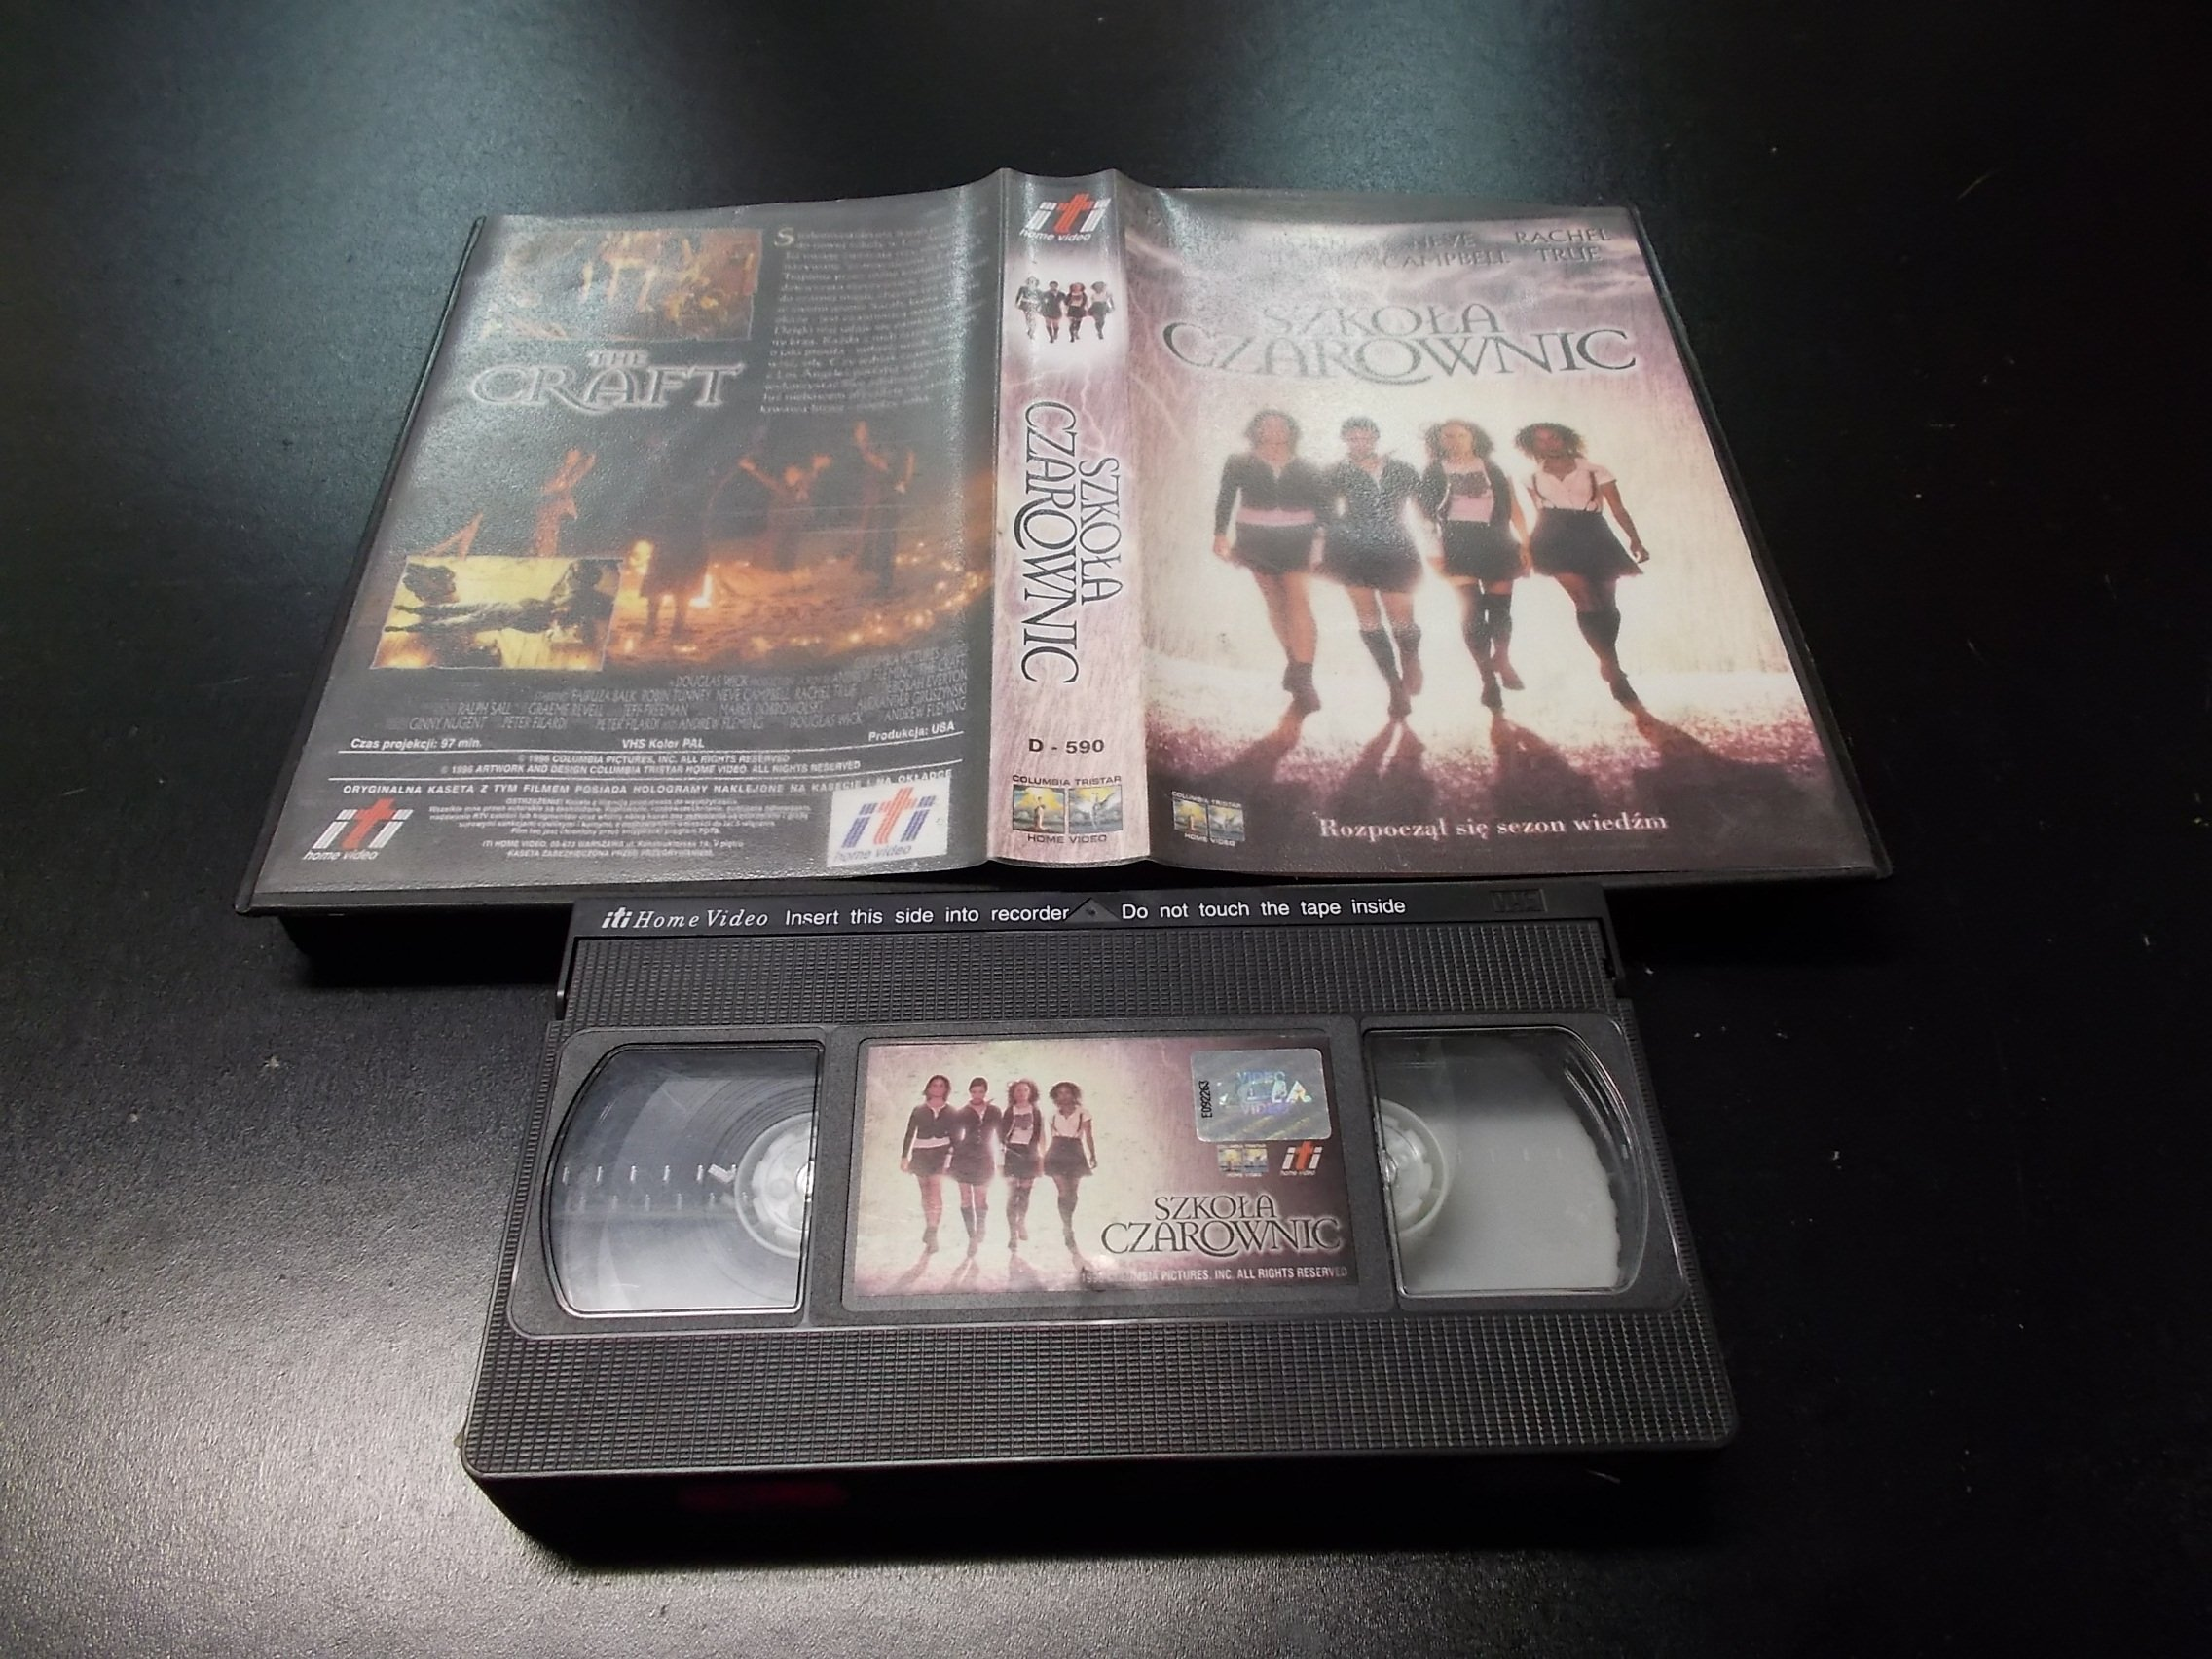 SZKOŁA CZAROWNIC -  kaseta VHS - 1178 Opole - AlleOpole.pl